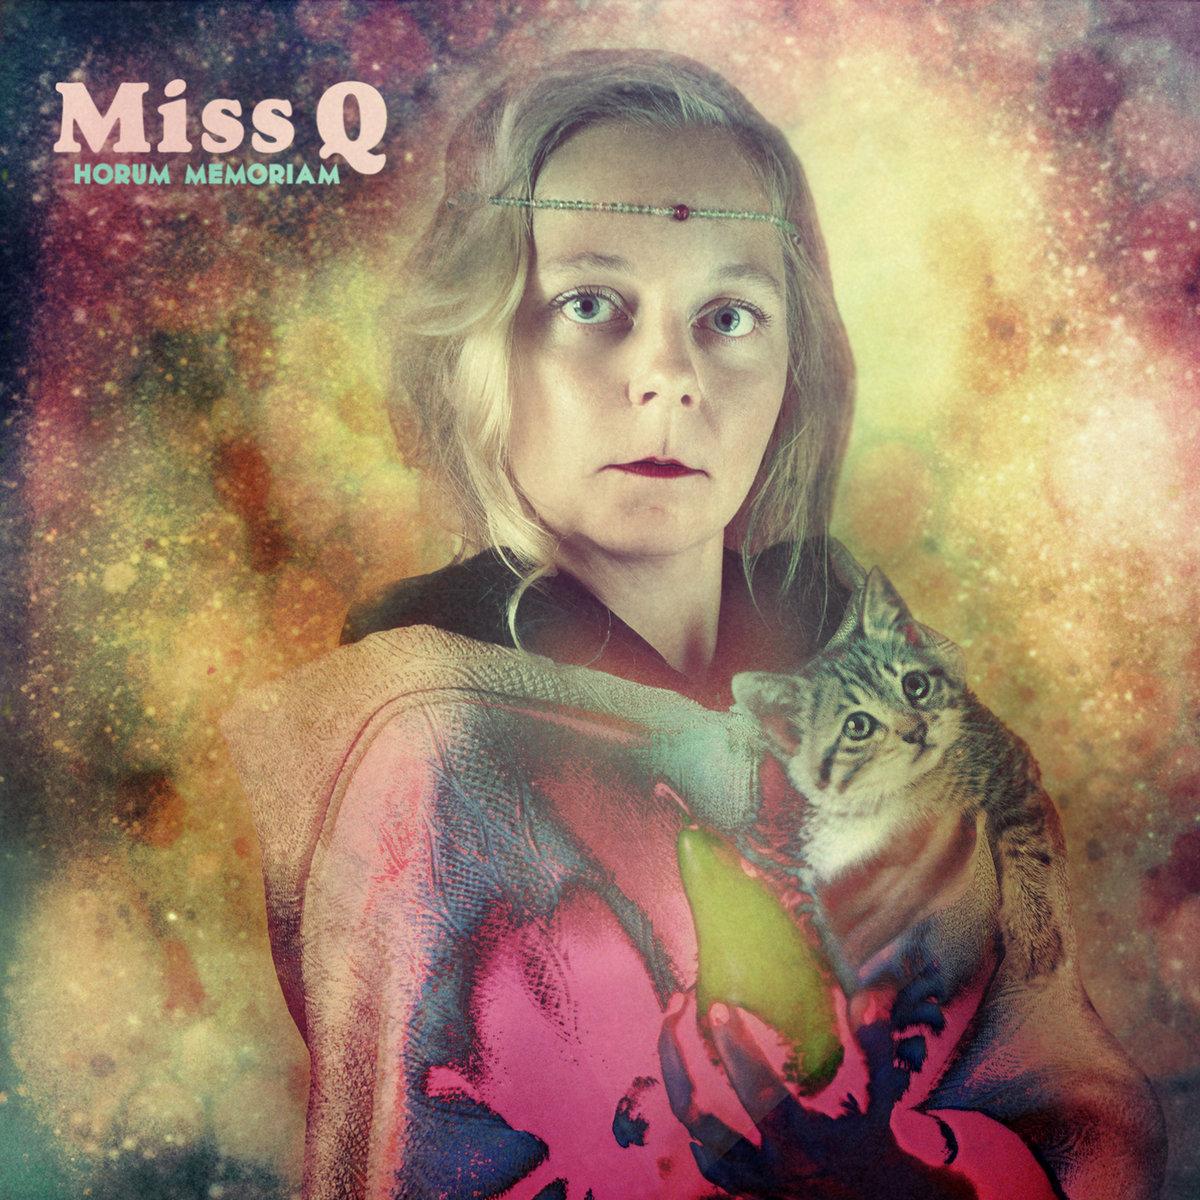 Miss Q HorumMemoriam